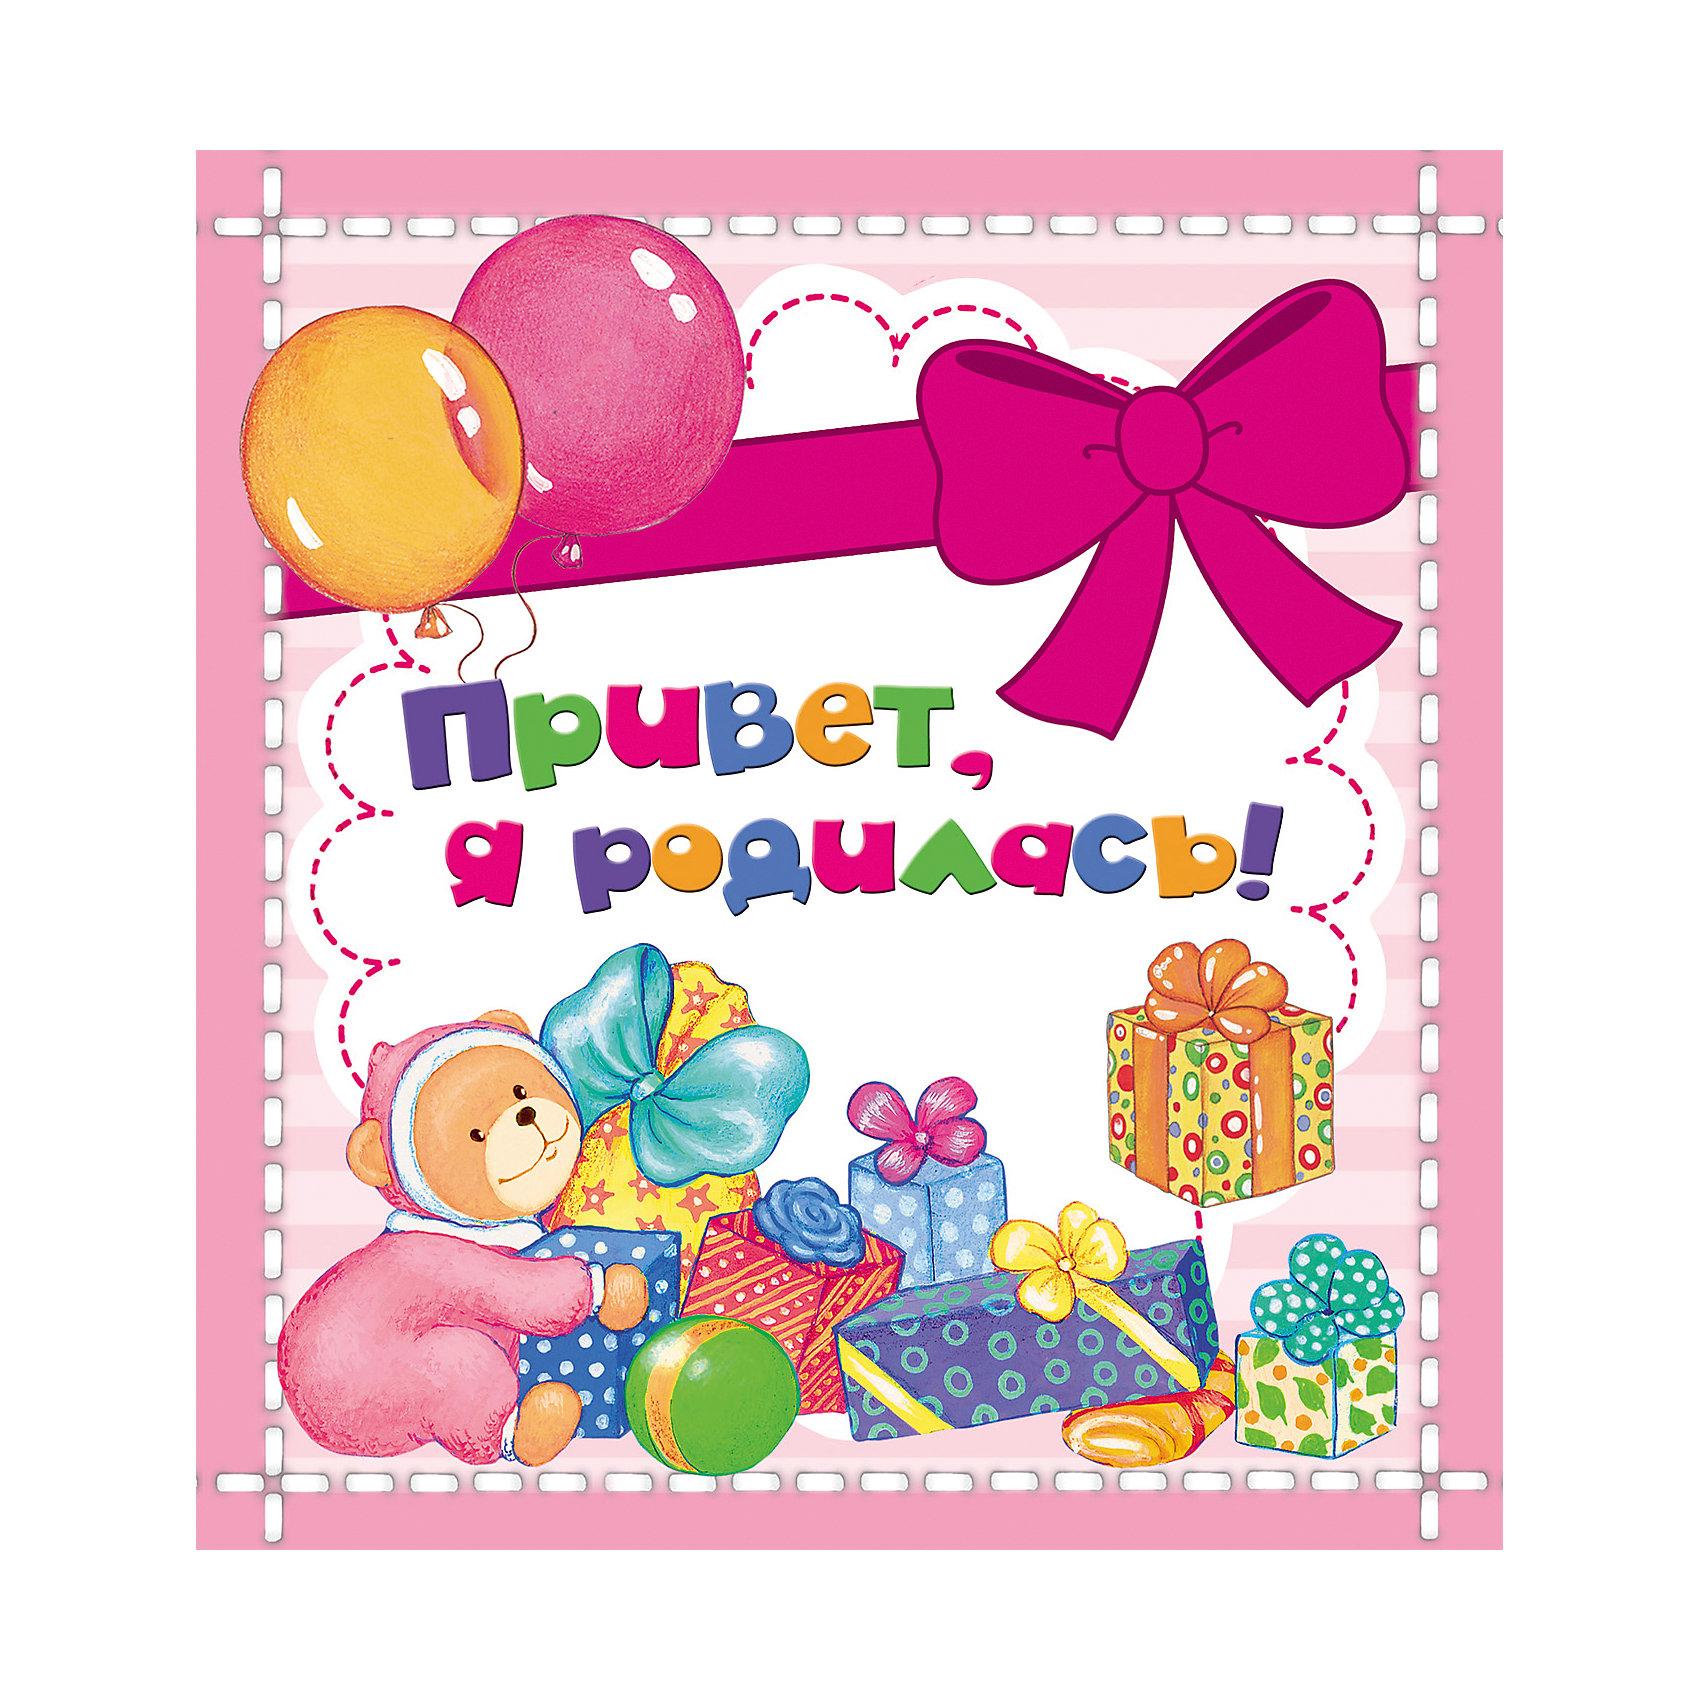 Привет, я родилась! (мини)Альбомы для новорожденного<br>Характеристики товара:<br><br>- цвет: разноцветный;<br>- материал: бумага, картон;<br>- формат: 18 х 19 см;<br>- страниц: 24;<br>- размер фотографий: 9 х 13 см;<br>- количество фотографий: 12;<br>- обложка: твердая.<br><br>Этот фотоальбом станет отличным подарком для родителей и ребенка. Он поможет сохранить самые важные моменты из жизни малыша. Каждый разворот альбома - тематический, также на страницах можно заполнить поля для записей.<br>Удобный формат и красивая обложка. Издание произведено из качественных материалов, которые безопасны даже для самых маленьких.<br><br>Издание Привет, я родилась! (мини) от компании Росмэн можно купить в нашем интернет-магазине.<br><br>Ширина мм: 187<br>Глубина мм: 182<br>Высота мм: 6<br>Вес г: 160<br>Возраст от месяцев: 0<br>Возраст до месяцев: 36<br>Пол: Женский<br>Возраст: Детский<br>SKU: 5110141